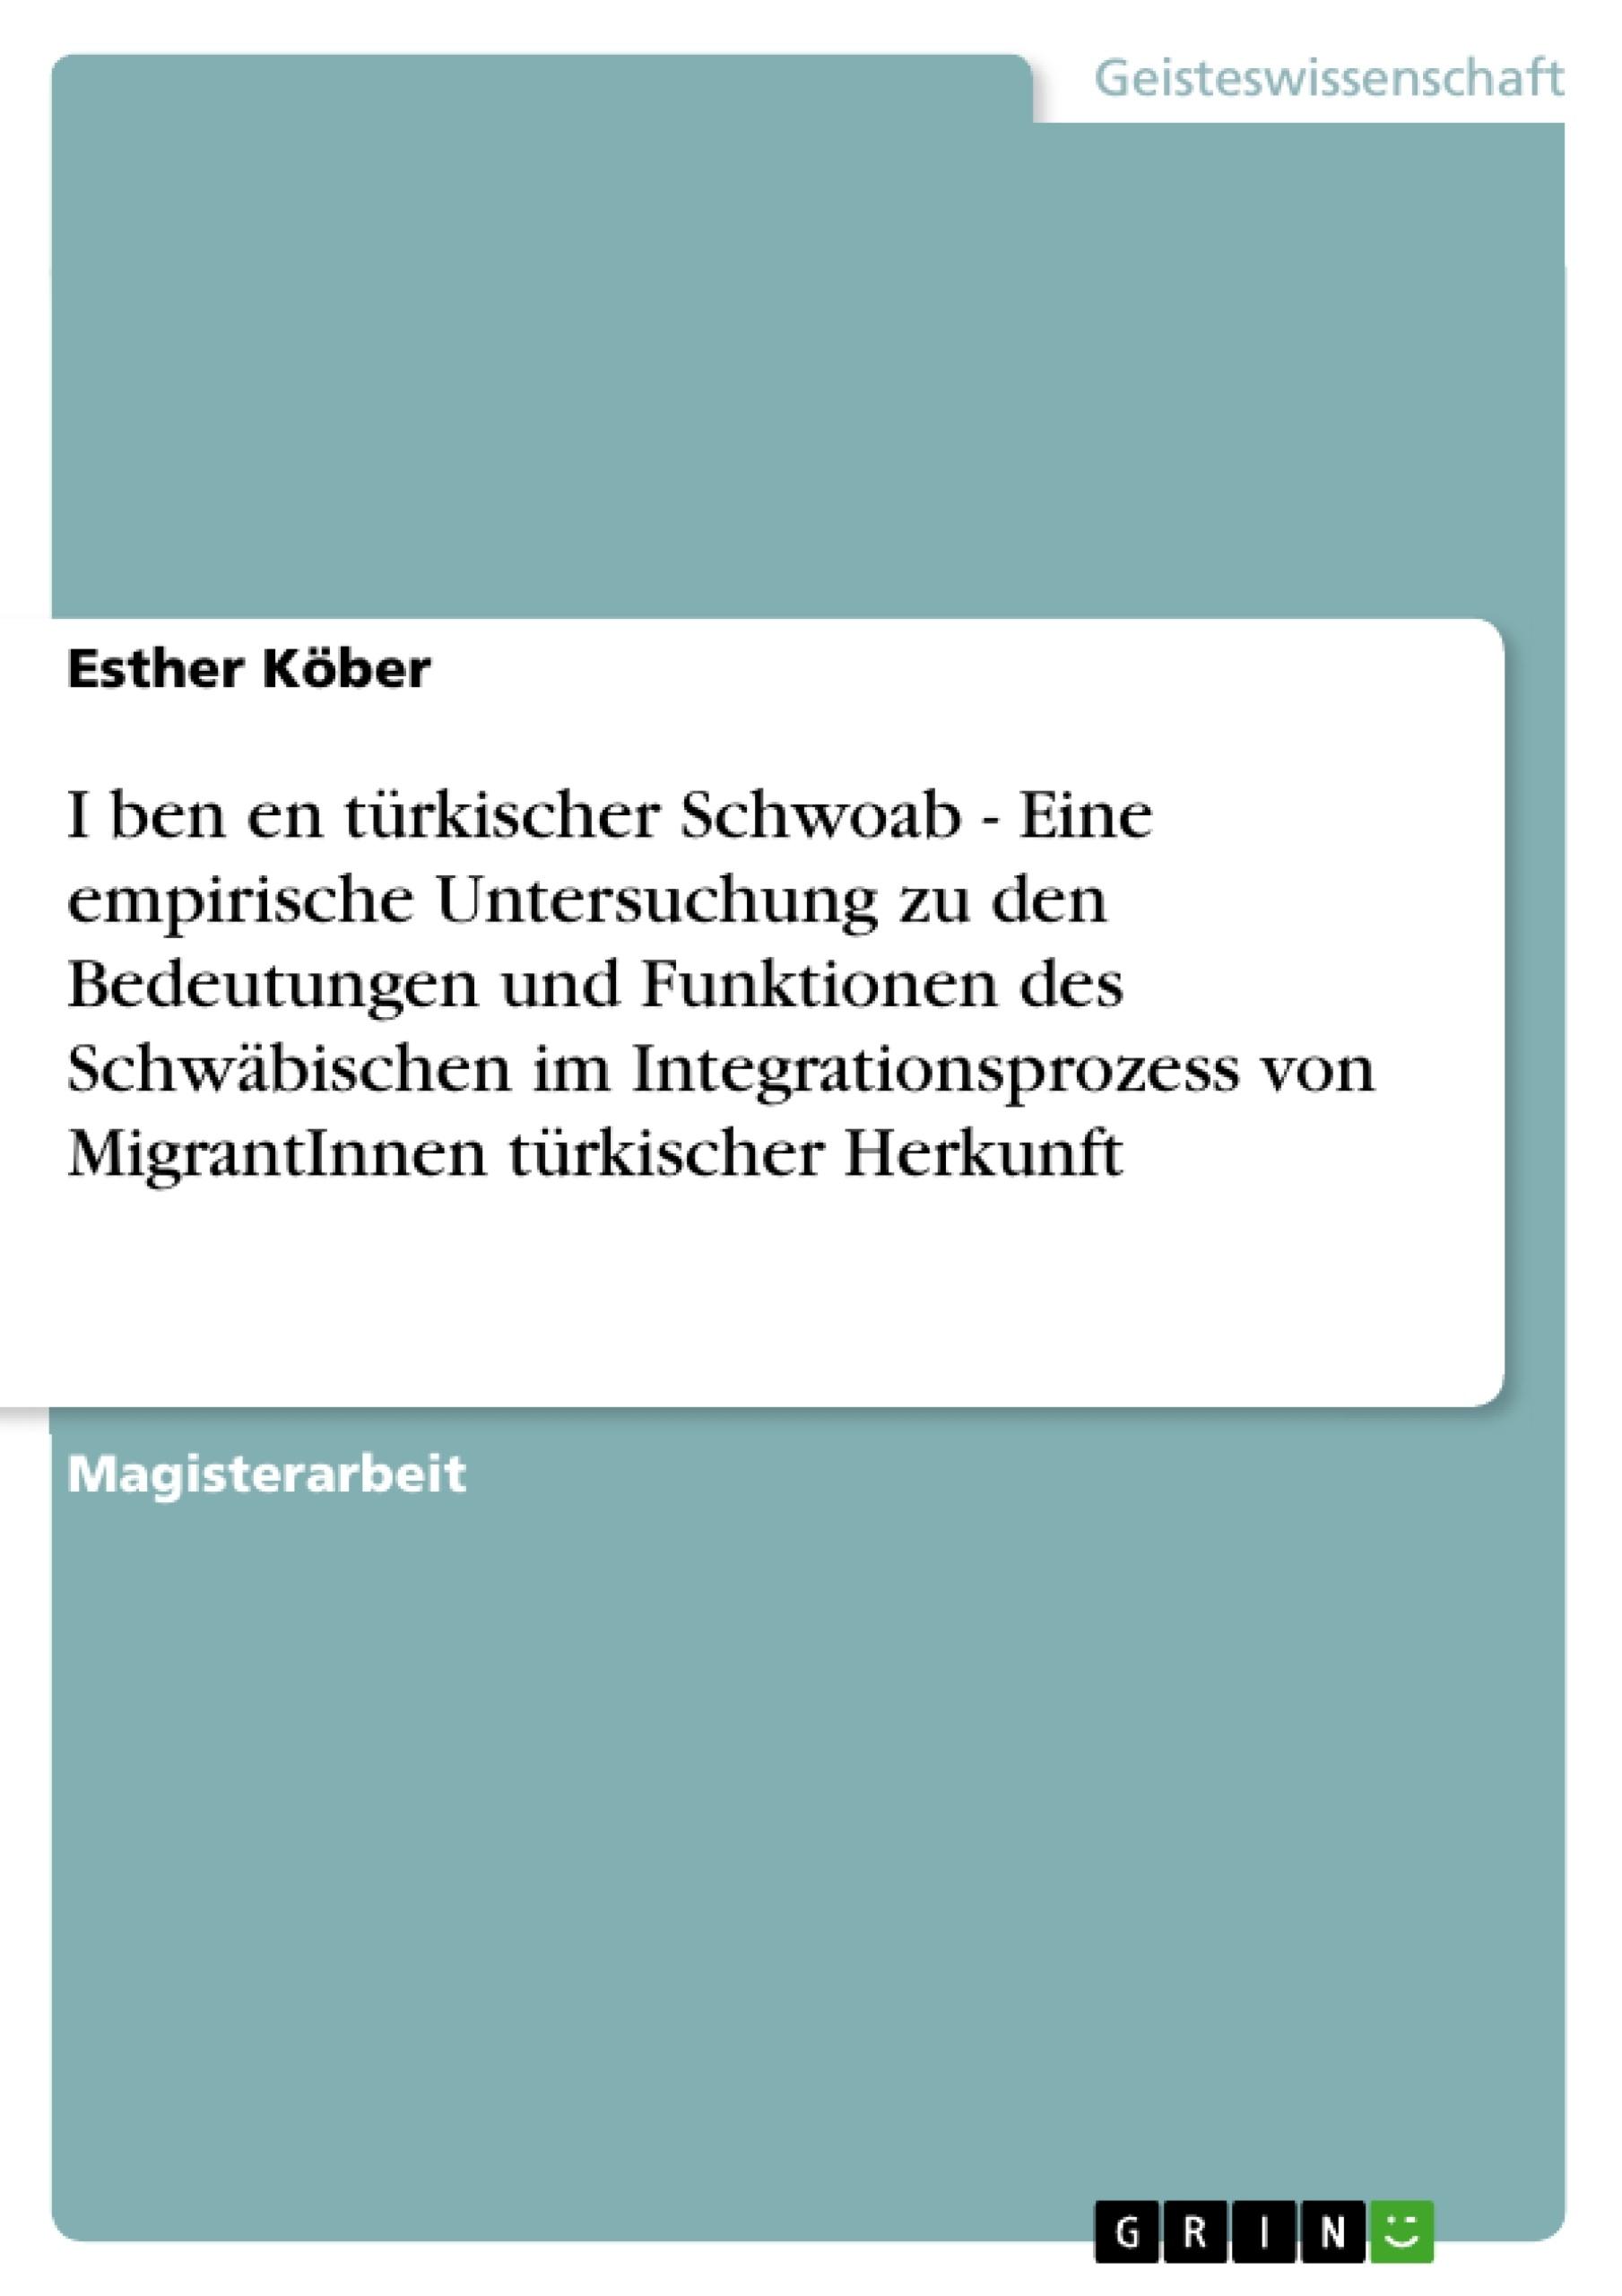 Titel: I ben en türkischer Schwoab - Eine empirische Untersuchung zu den Bedeutungen und Funktionen des Schwäbischen im Integrationsprozess von MigrantInnen türkischer Herkunft